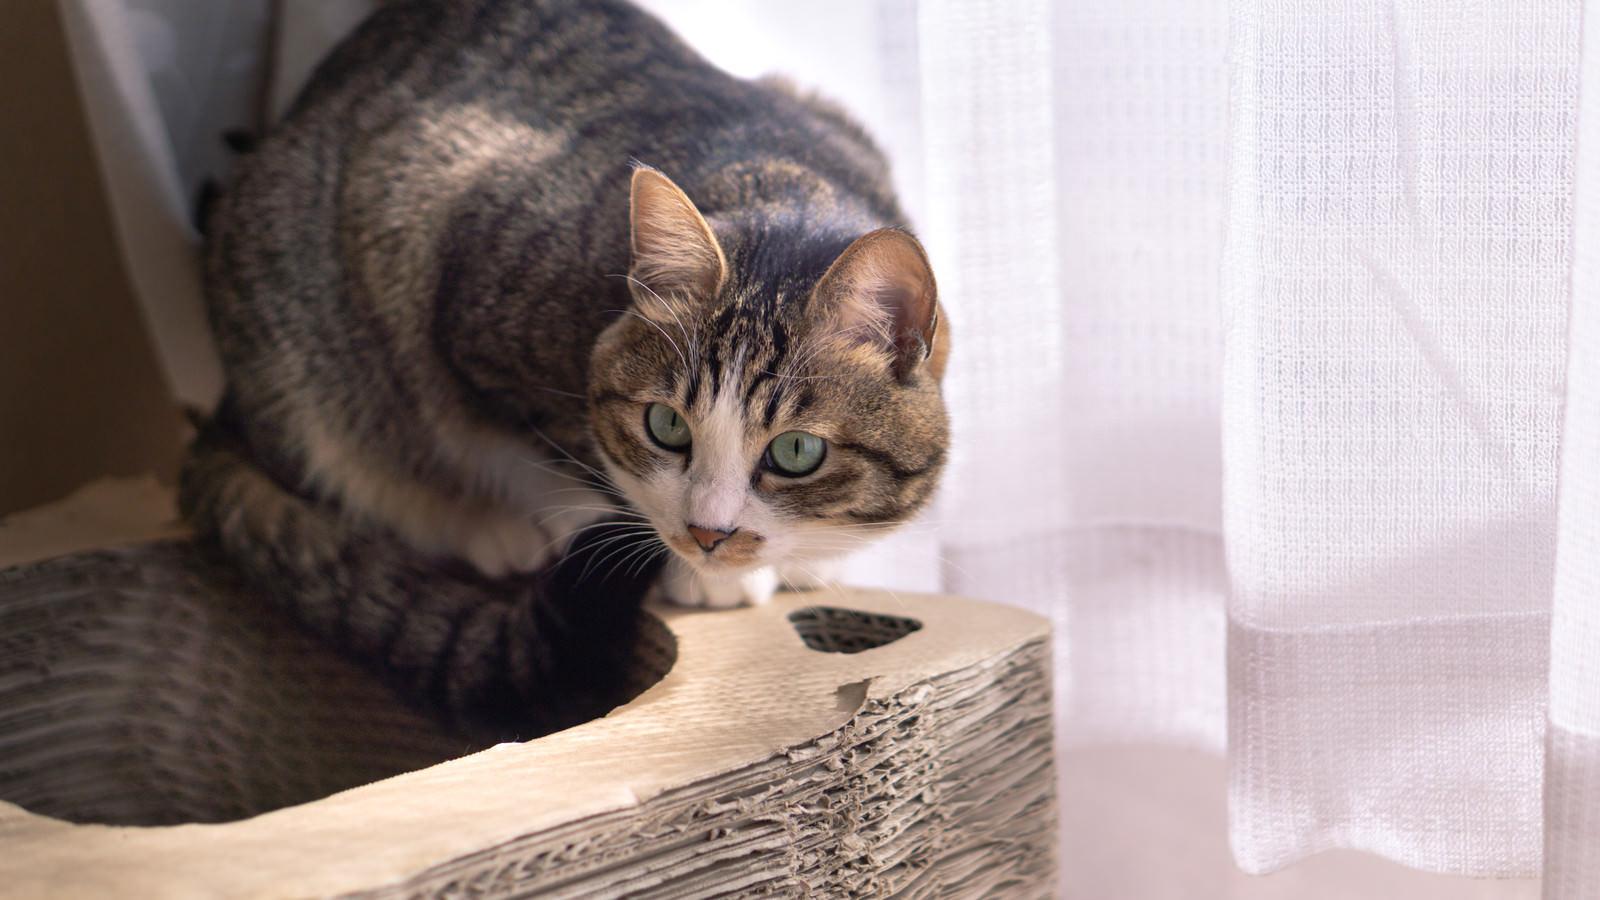 「そろそろ活動はじめようかな猫」の写真